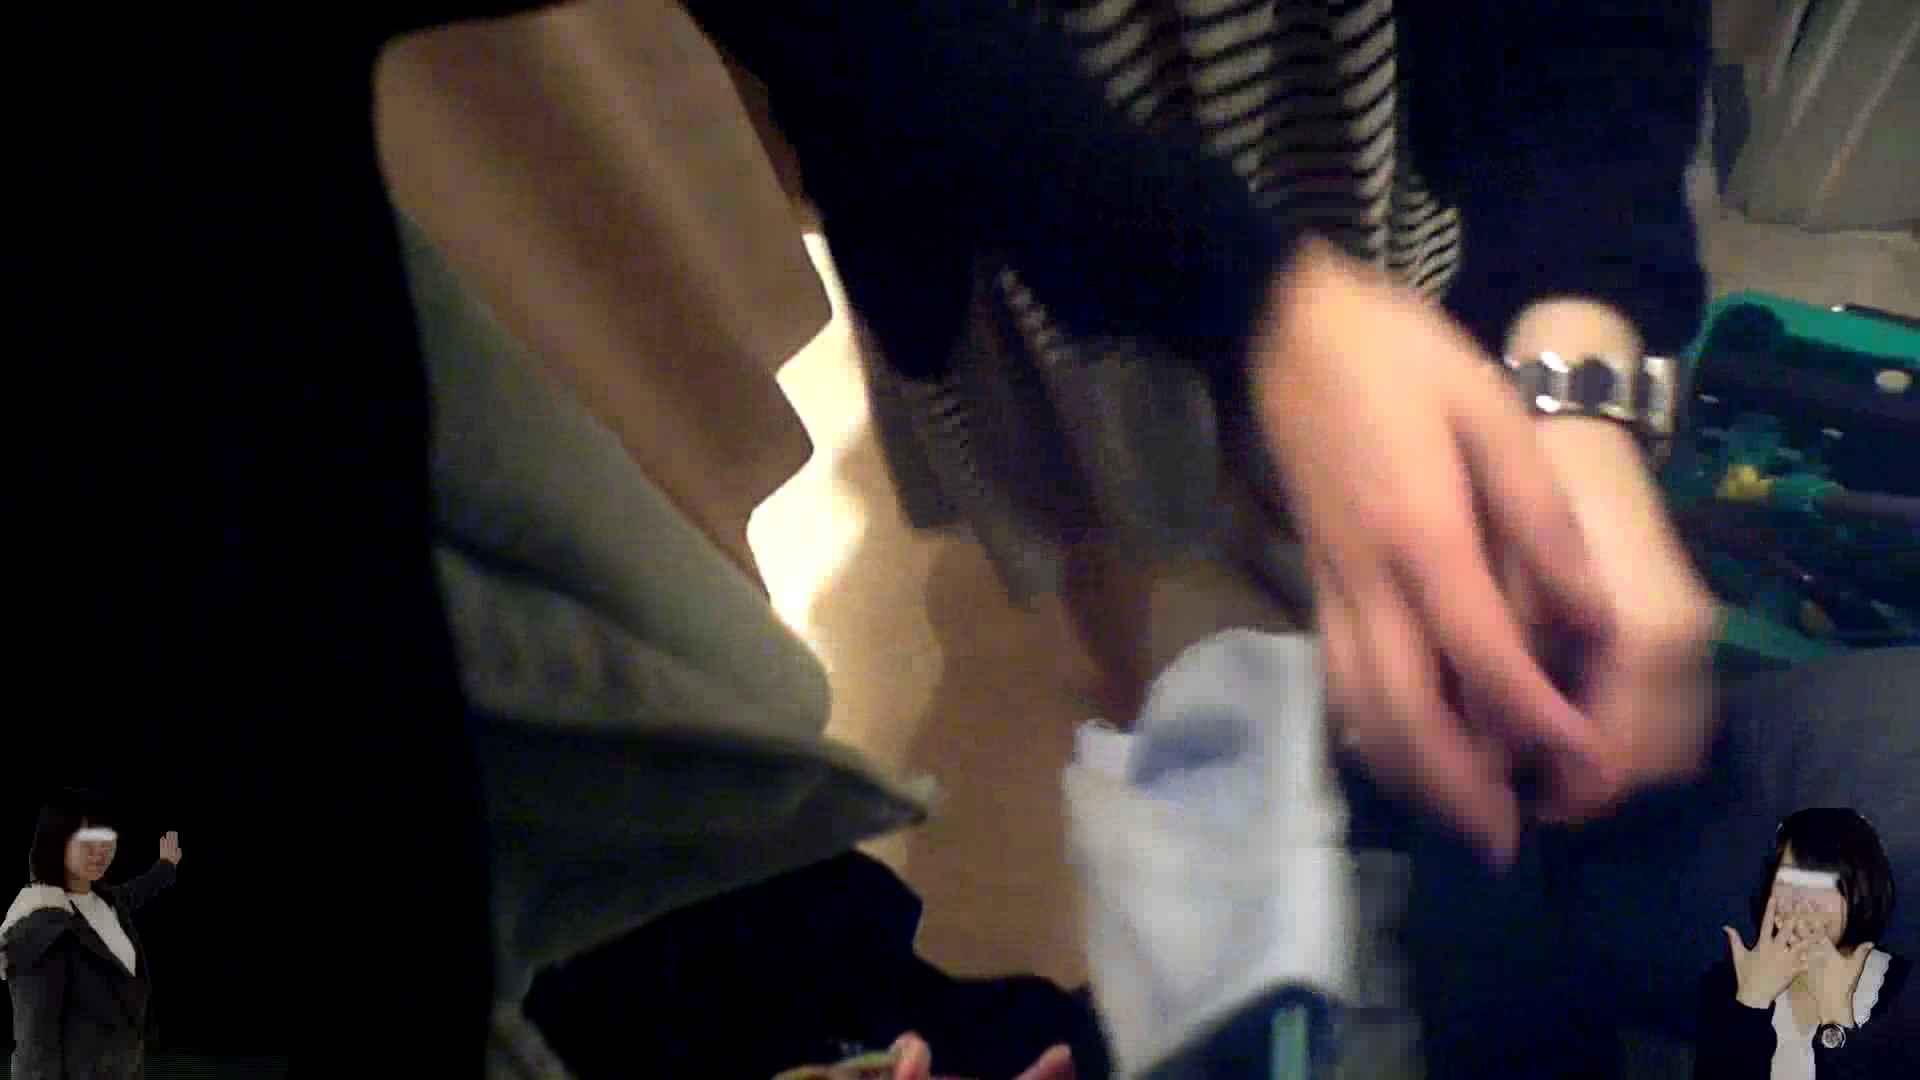 素人投稿 現役「JD」Eちゃんの着替え Vol.02 投稿 | 素人丸裸  81pic 25